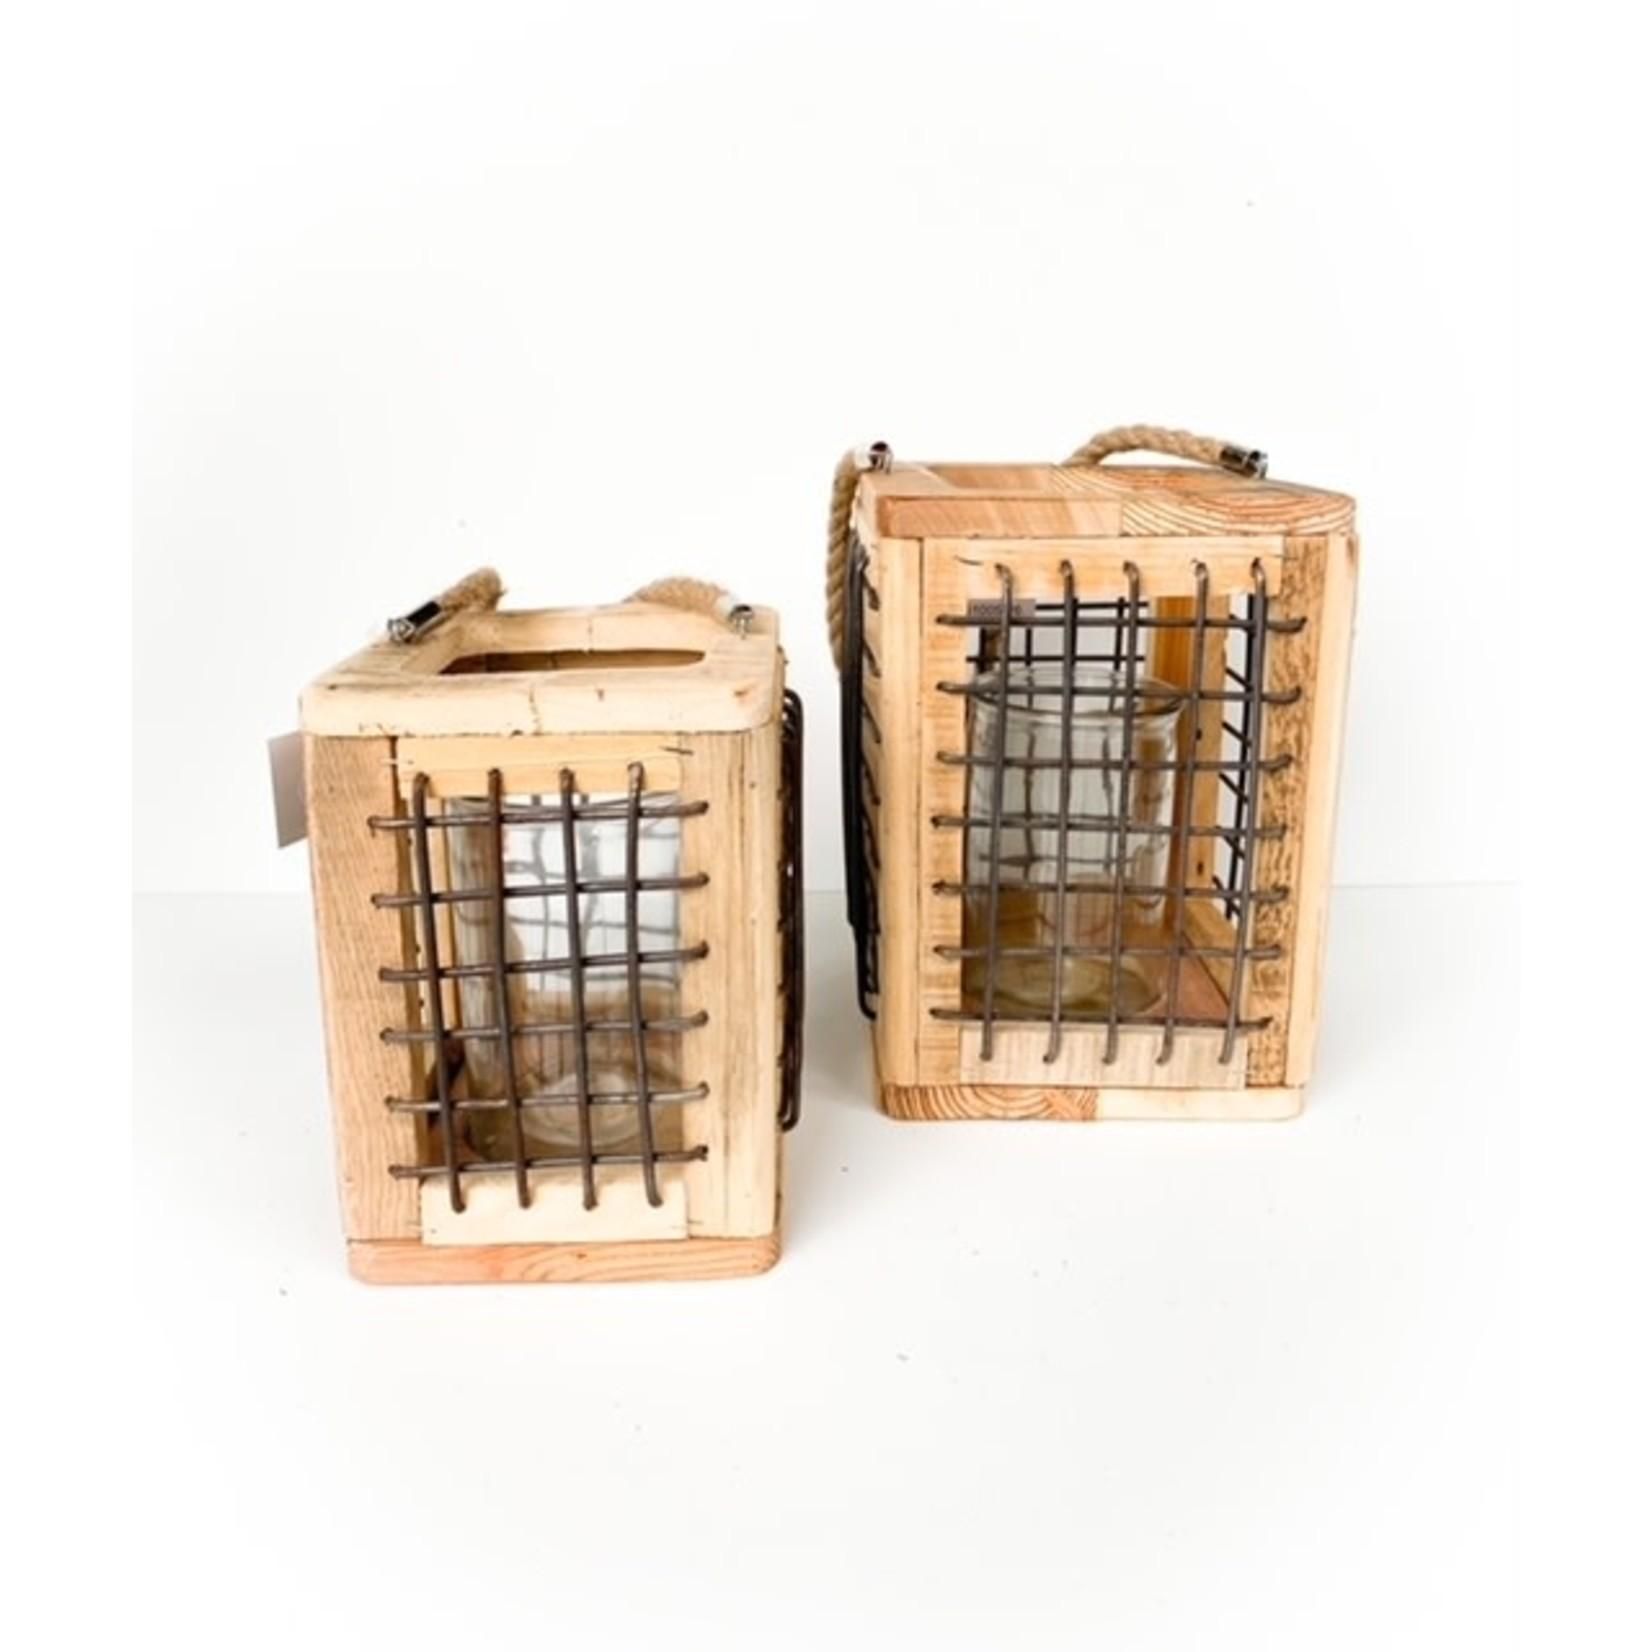 Wood/Wire Lantern